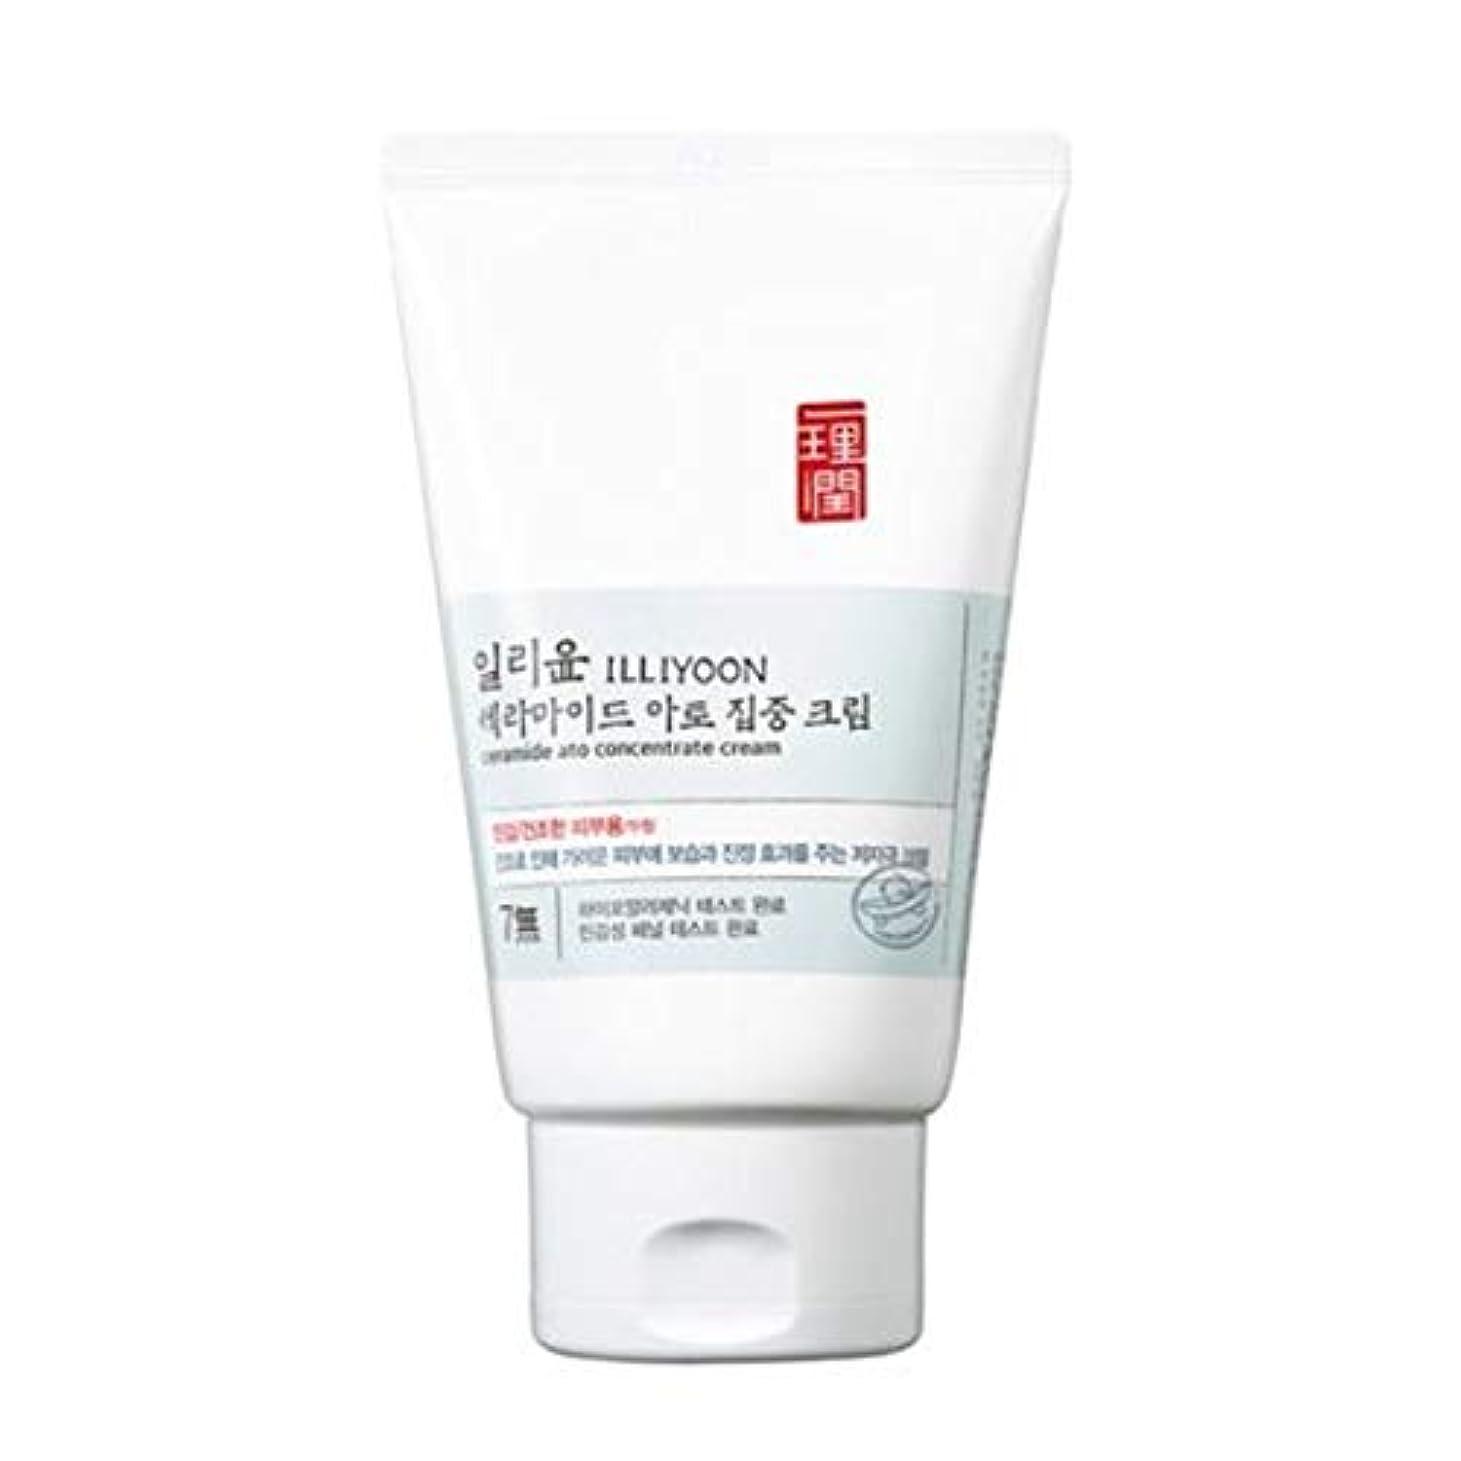 部分的に申請者ハウジングイリユン セラミド アト コンセントレートモイスチャライザークリーム 200ml / illiyoon Ceramide Ato Concentrate Moisturizer Cream